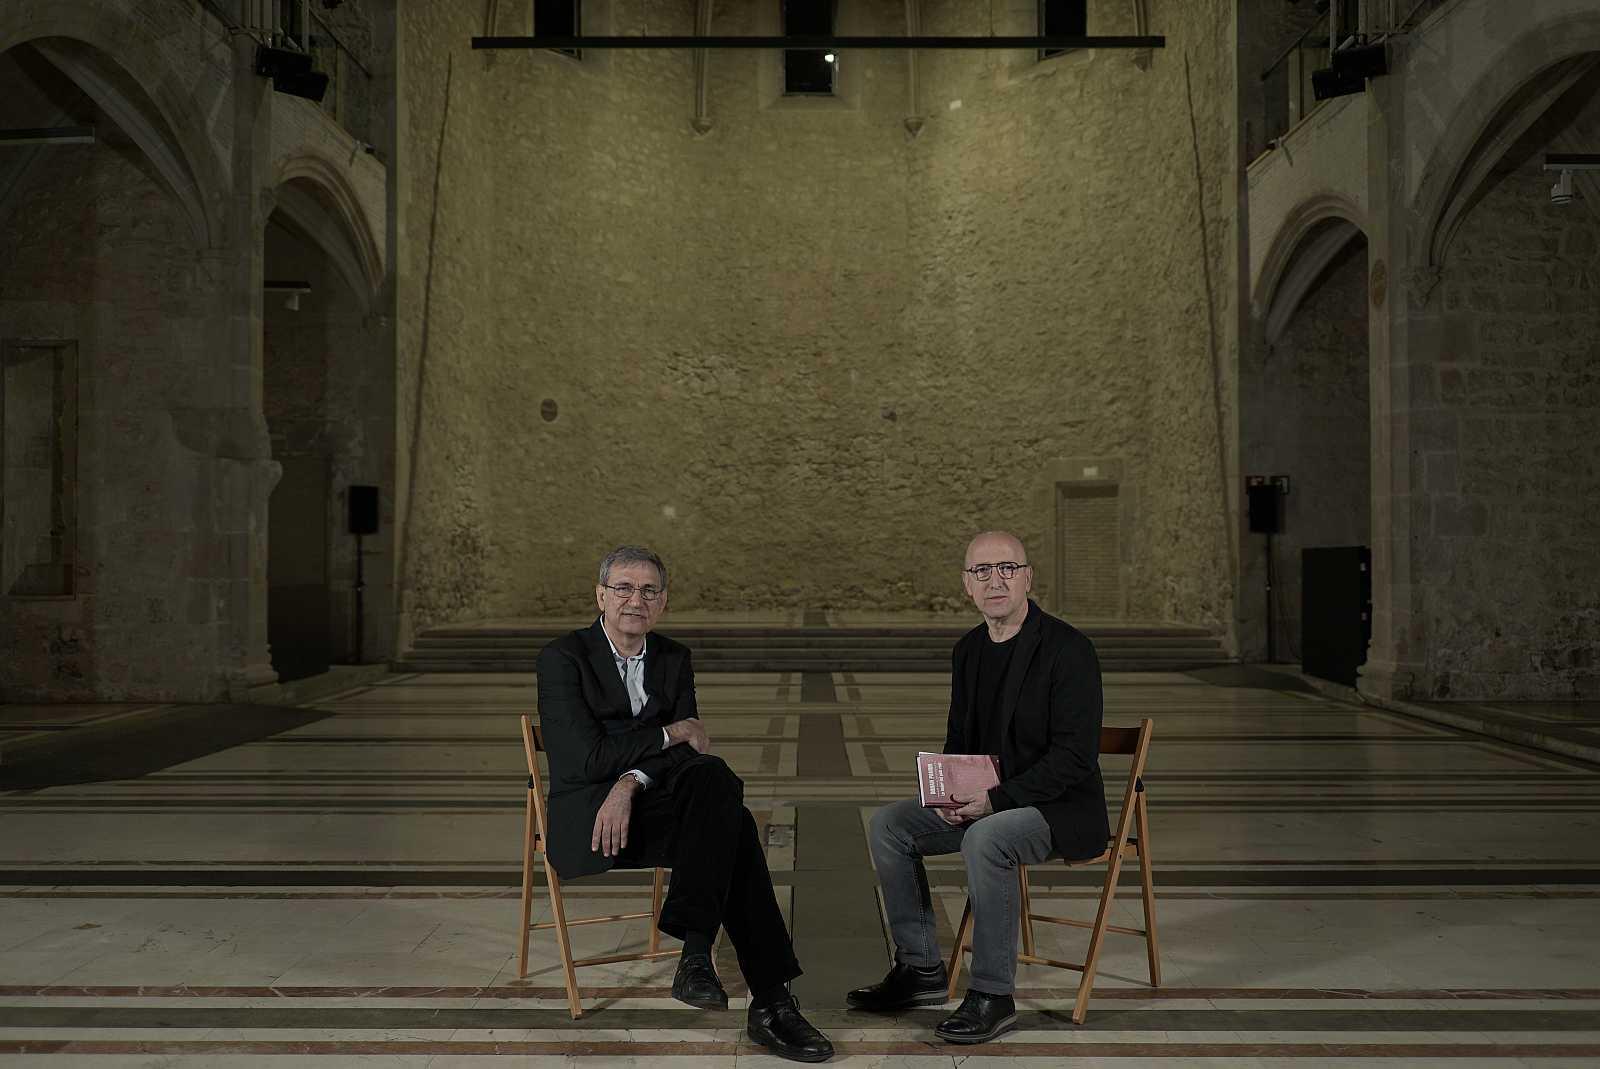 Óscar López entrevista a Orhan Pamuk, Premio Nobel de Literatura en 2006